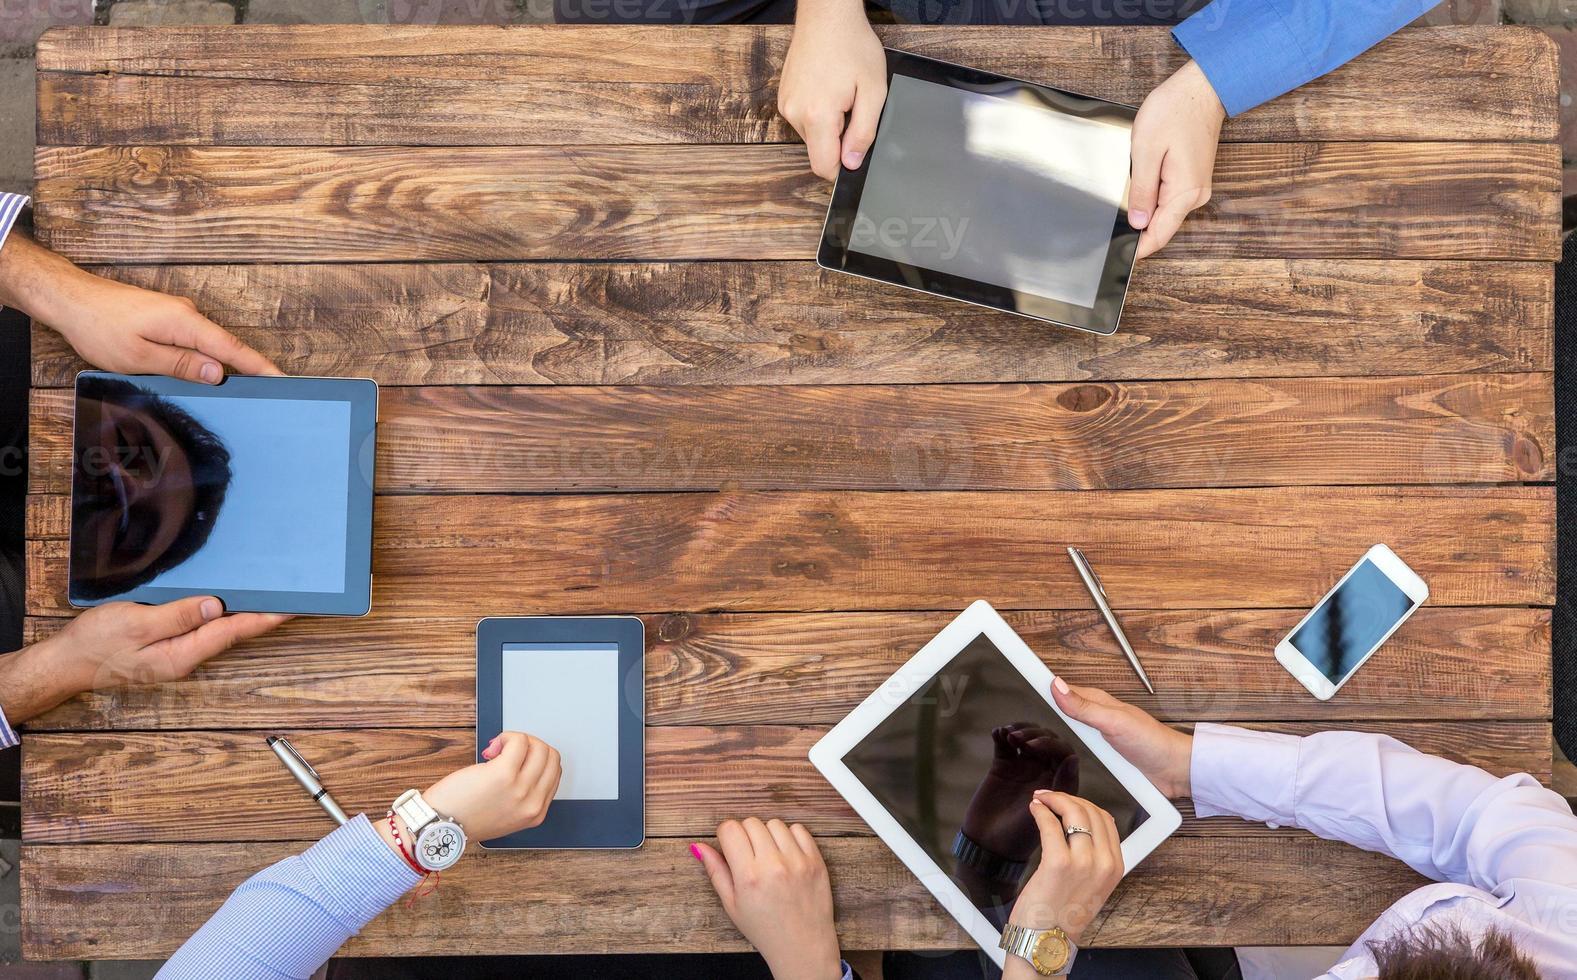 braços masculinos e femininos com gadgets Digitas foto